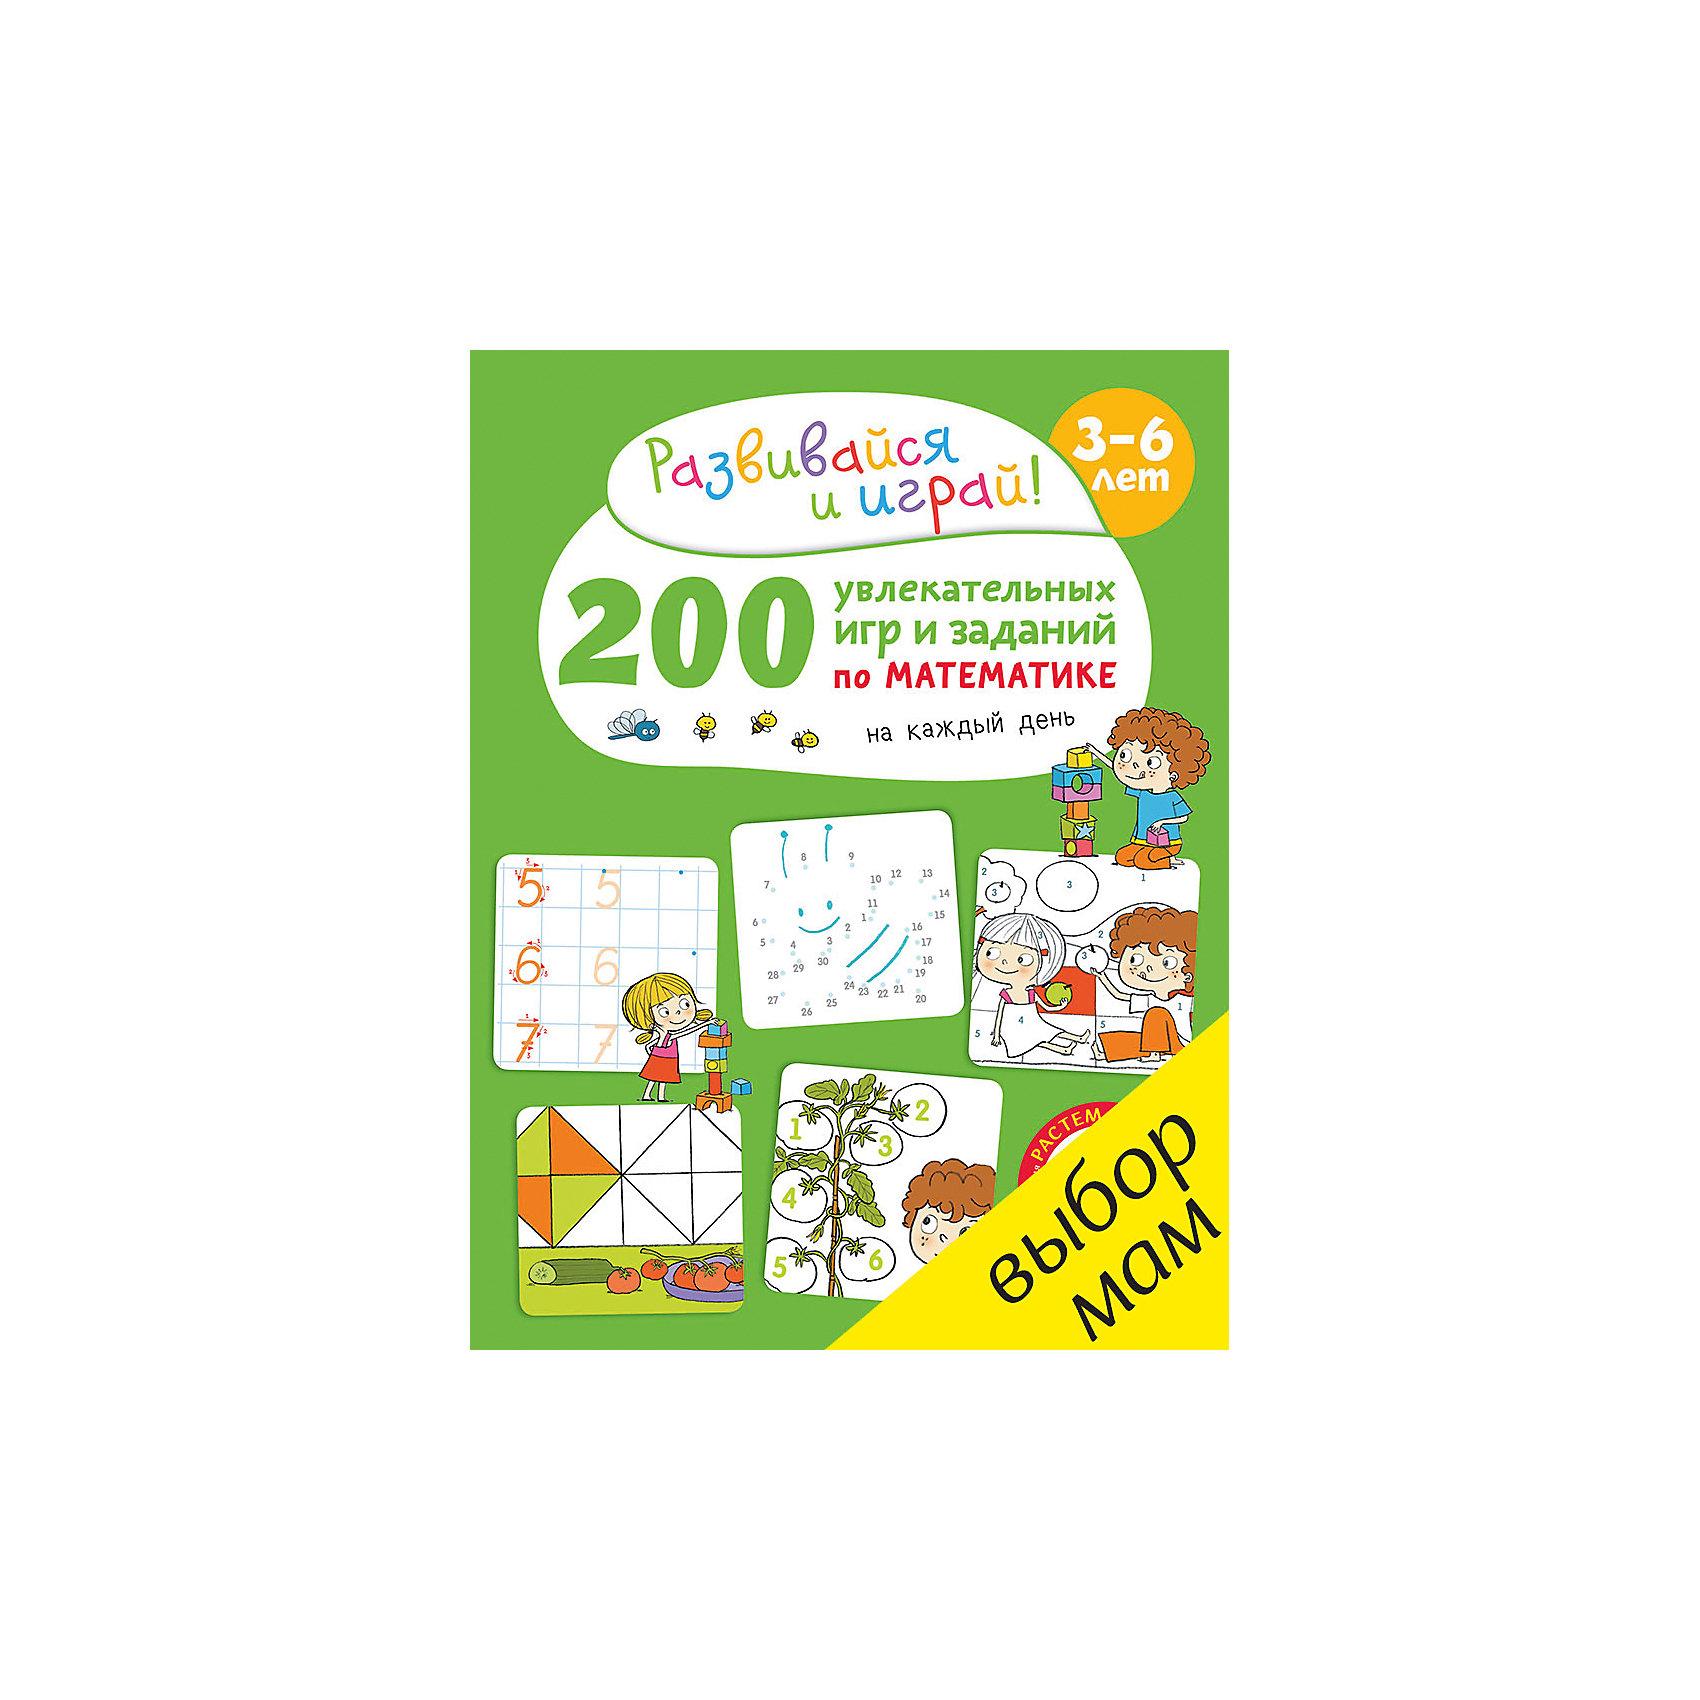 Книжка 200 увлекательных  игр и заданий  по математике на каждый день, CleverХарактеристики книжки 200 увлекательных игр и заданий по математике на каждый день:<br><br>• пол: для мальчиков и девочек<br>• возраст: 4-5 лет<br>• формат: 60х90х0.8 см<br>• переплет: мягкий переплёт<br>• кол-во страниц: 128<br>• авторы: Карбоней Б.<br>• издательство: Clever<br>• серия: развивайся и играй<br>• страна обладатель бренда: Россия.<br><br>Лучше всего дети учатся в игре! А в этой тетрадке играть и заниматься математикой малыша приглашают Гриша и Поля. Они отправляются к бабушке с дедушкой в деревню, где их ждут приключения. Ребенок, выполняя задания, будет считать пятнышки на спине у коровы, раскрашивать только то, что отмечено определенными цифрами, решать несложные задачки, соединять точки, различать геометрические фигуры, определять, кто выше - Гриша или Поля. Все эти задания очень понравятся малышу, помогут его полюбить математику.<br><br><br>Что развивает:<br><br>- знакомит с цифрами<br>- учит числовой ряд<br>- учит читать<br>- решает простые задачи<br>- готовит руку к письму<br>- ориентироваться в пространстве<br>- знакомит с геометрическими фигурами<br>- развивает логическое мышление и внимание<br><br>Книжку 200 увлекательных игр и заданий по математике на каждый день издательства Clever  можно купить в нашем интернет-магазине.<br><br>Ширина мм: 290<br>Глубина мм: 220<br>Высота мм: 8<br>Вес г: 473<br>Возраст от месяцев: 48<br>Возраст до месяцев: 72<br>Пол: Унисекс<br>Возраст: Детский<br>SKU: 5440237